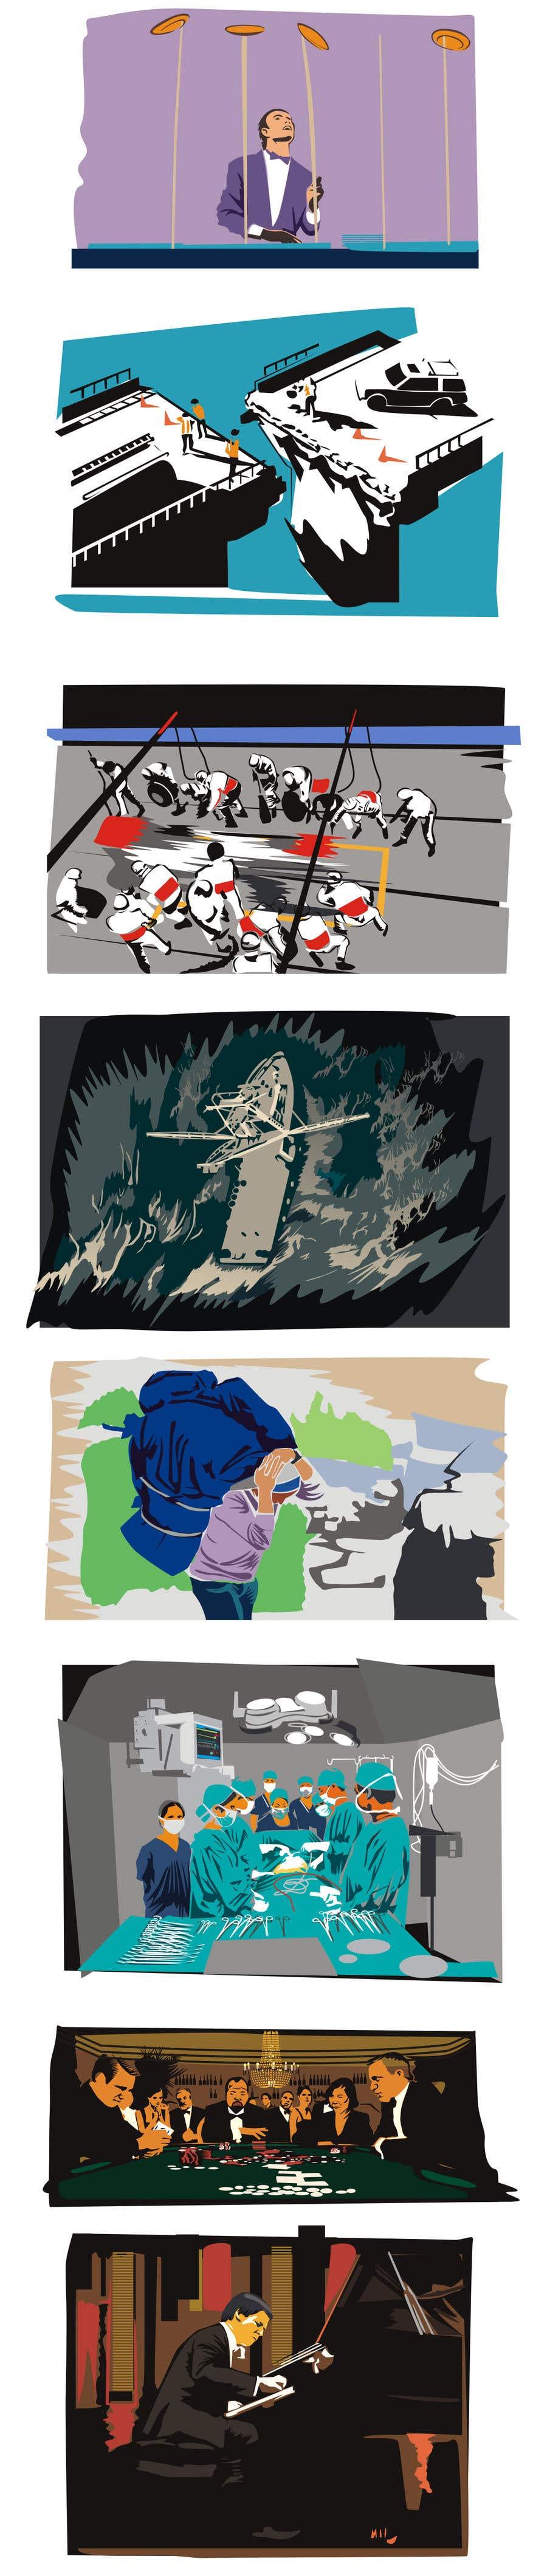 Konkurrenceindlæg #24 for Illustrate 8 pictures for a digital presentation